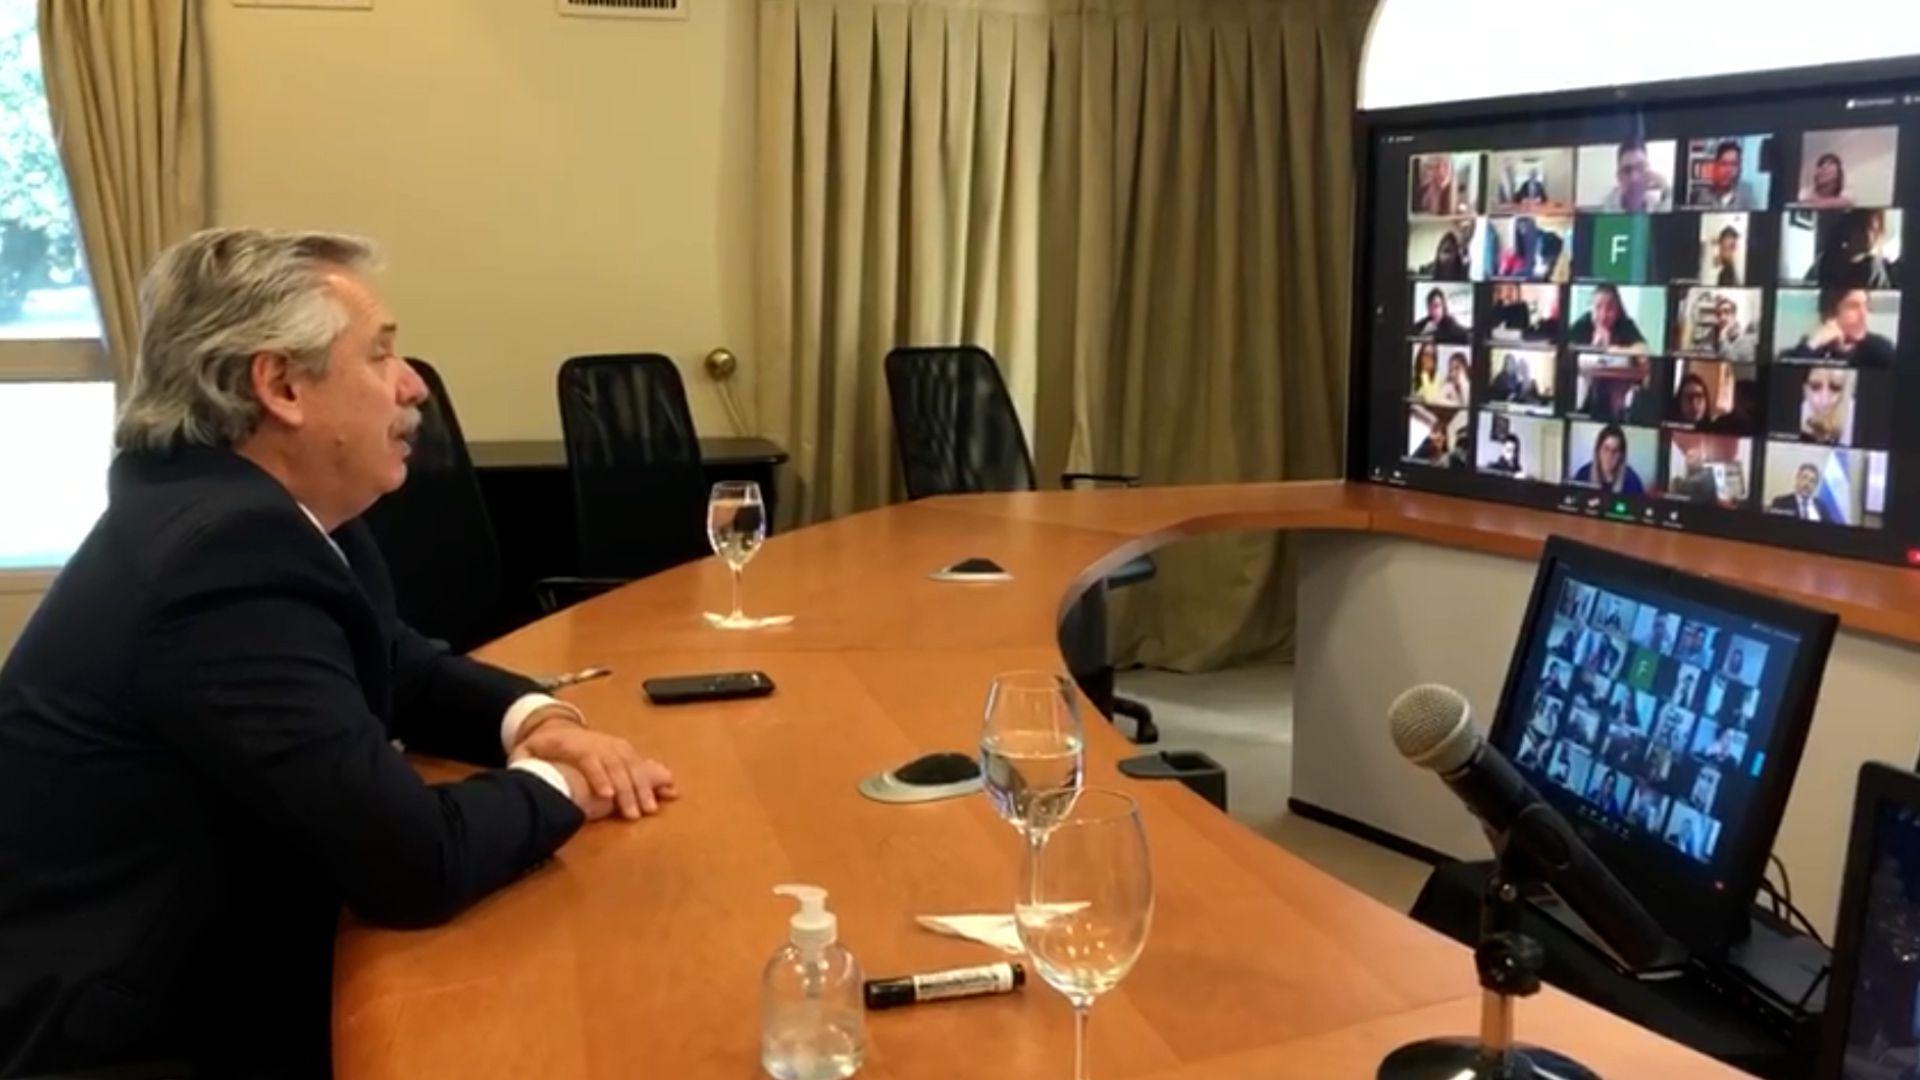 Alberto Fernández dando clases virtuales